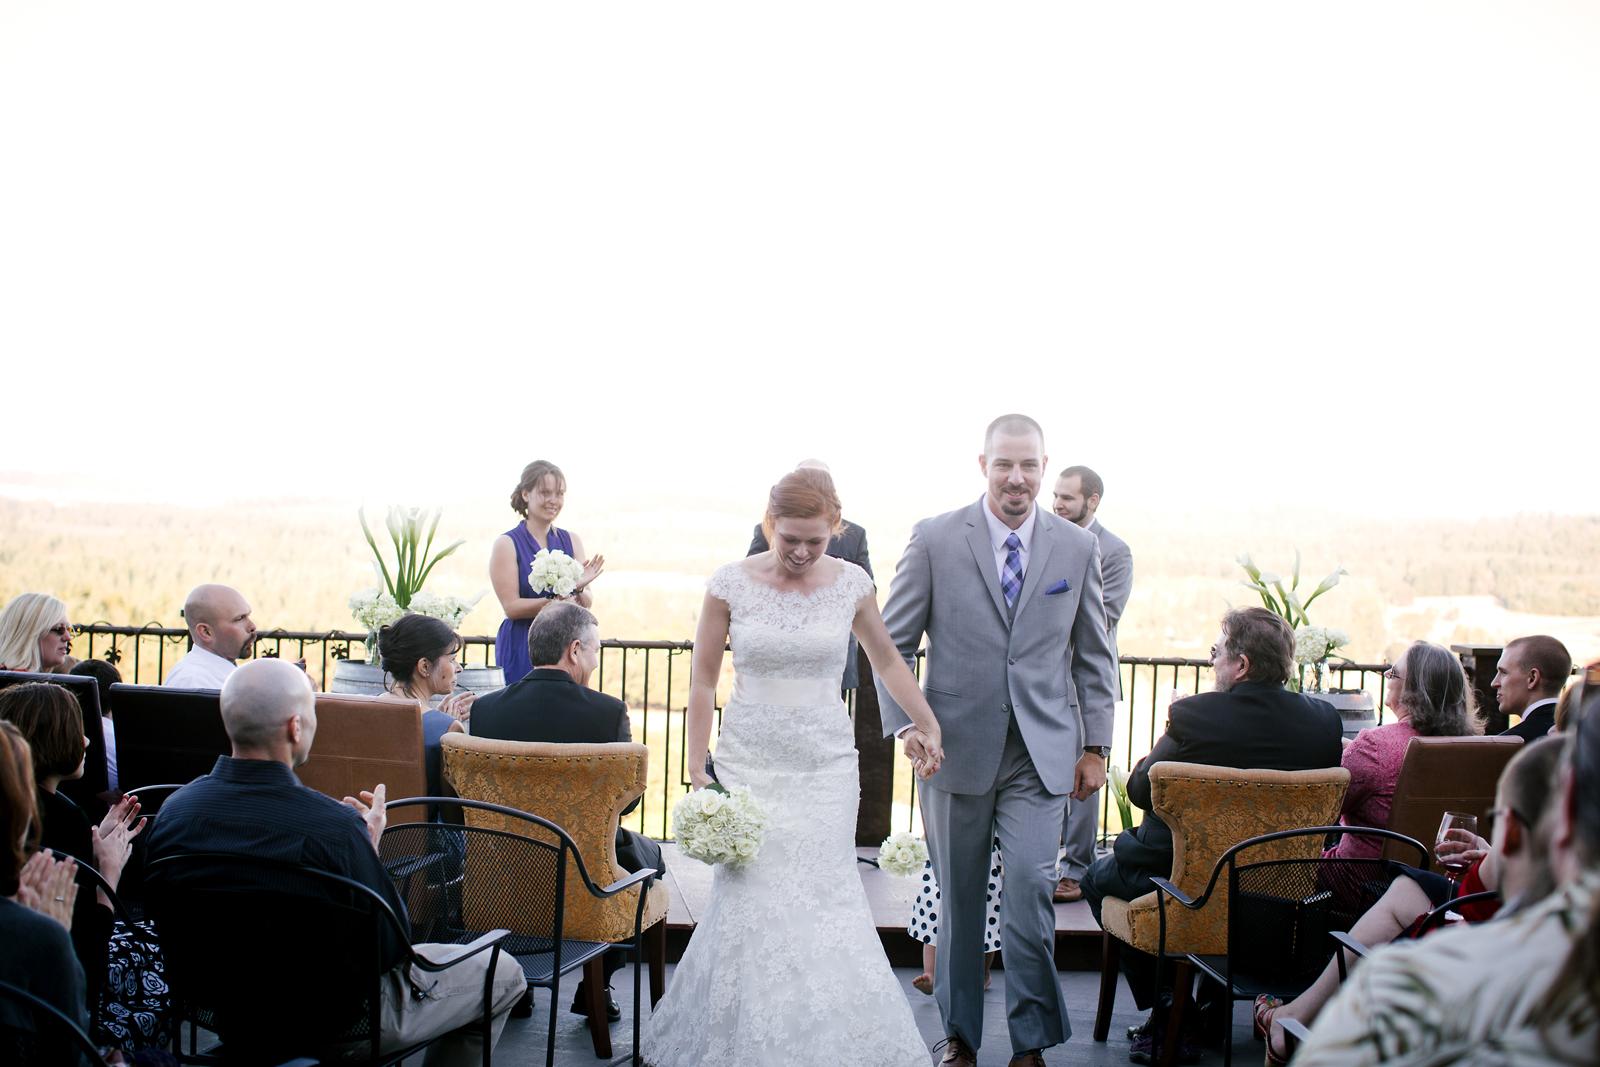 035-daronjackson-rich-wedding.jpg